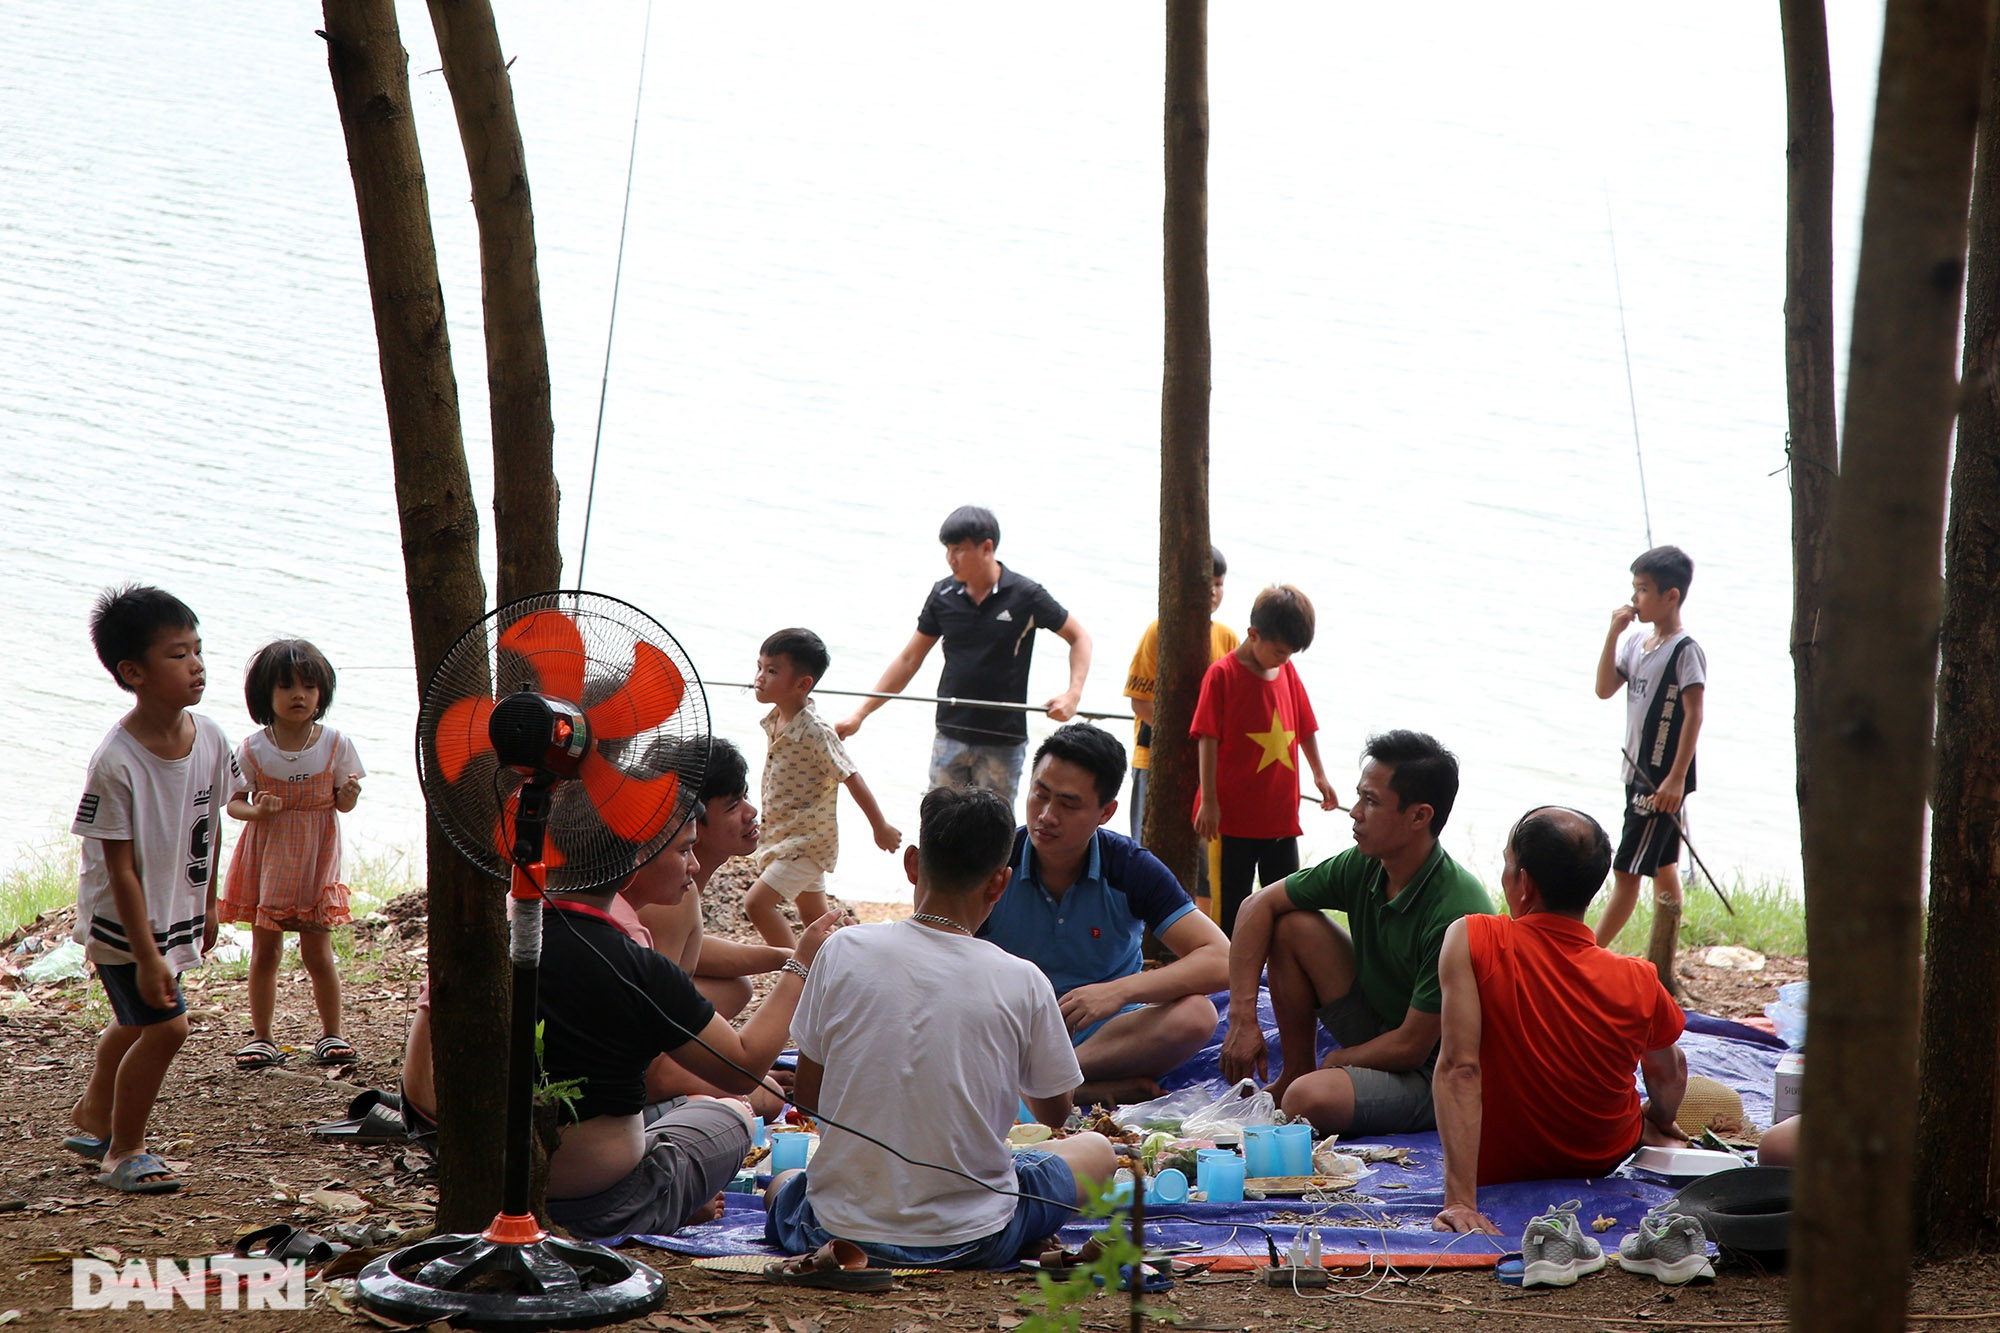 Dù có biển cấm tụ tập, hồ Đồng Mô vẫn tấp nập người đến cắm trại - 10